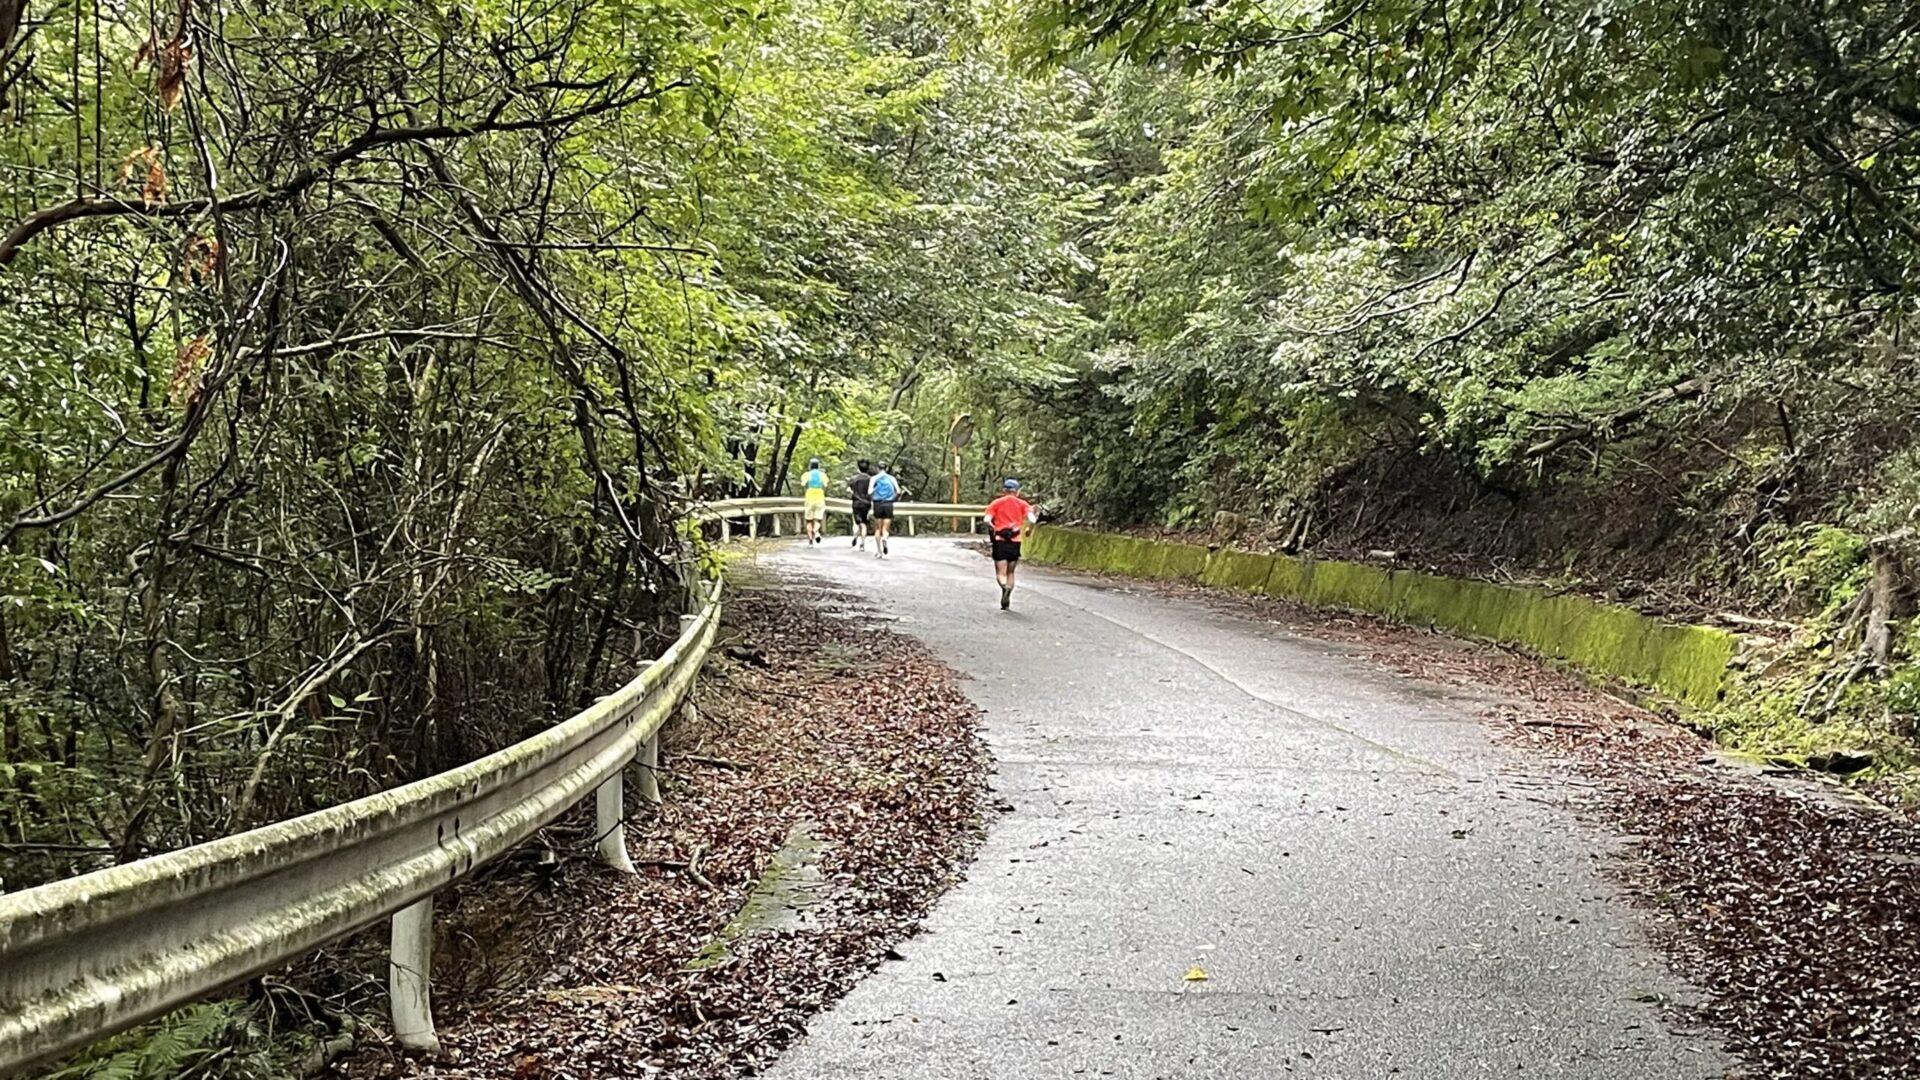 上り坂への苦手意識克服に向け亀山市石水渓峠走を実施した結果